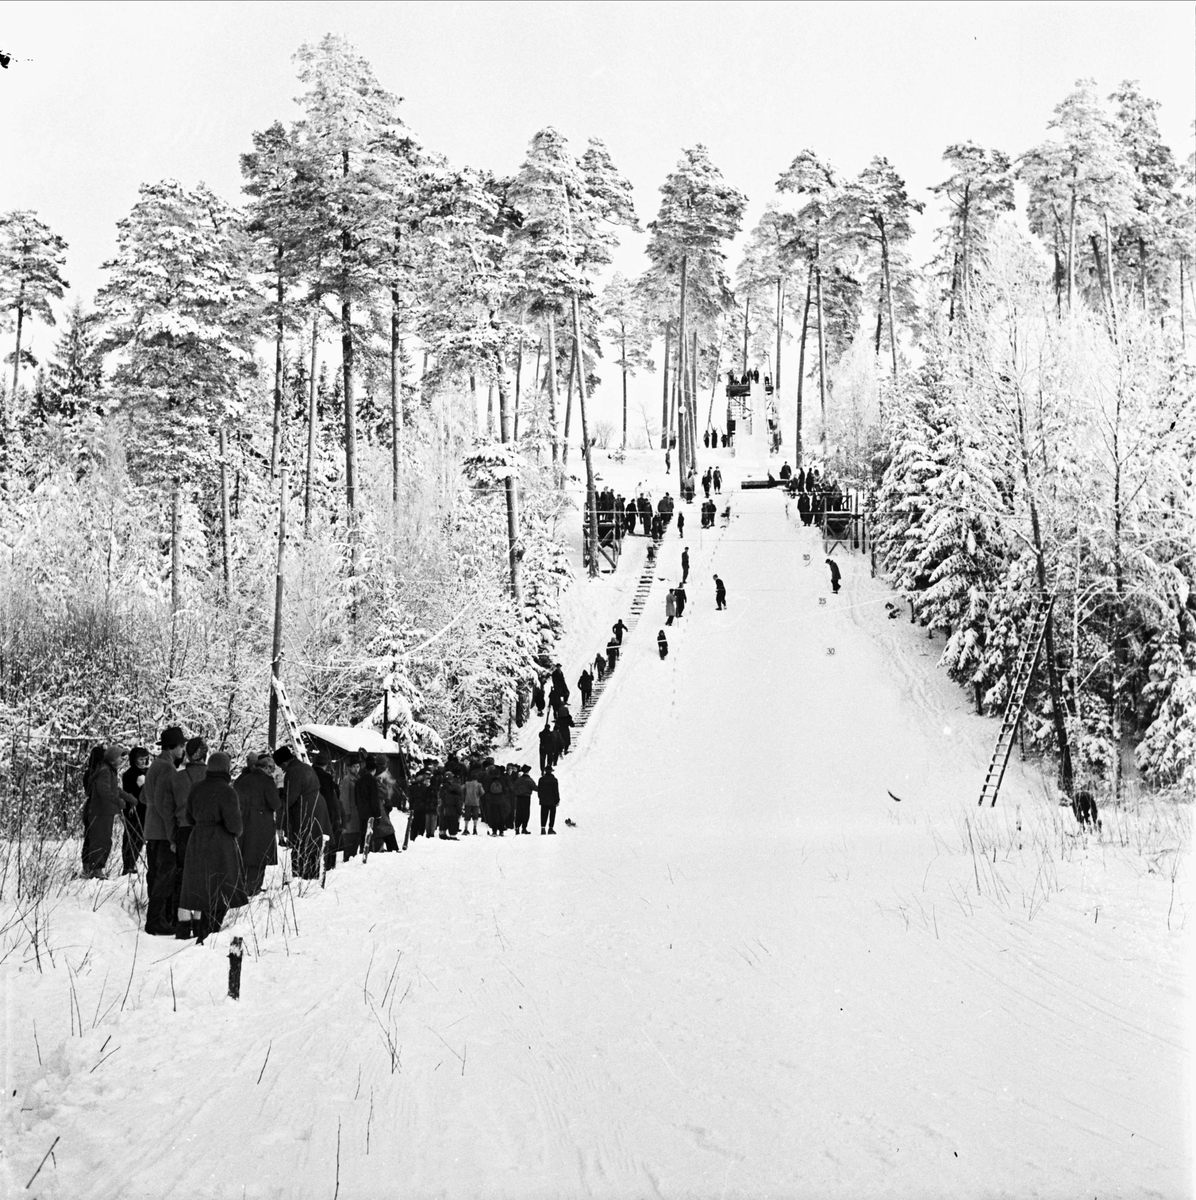 Backhoppning i Sunnerstabacken, Uppsala februari 1954